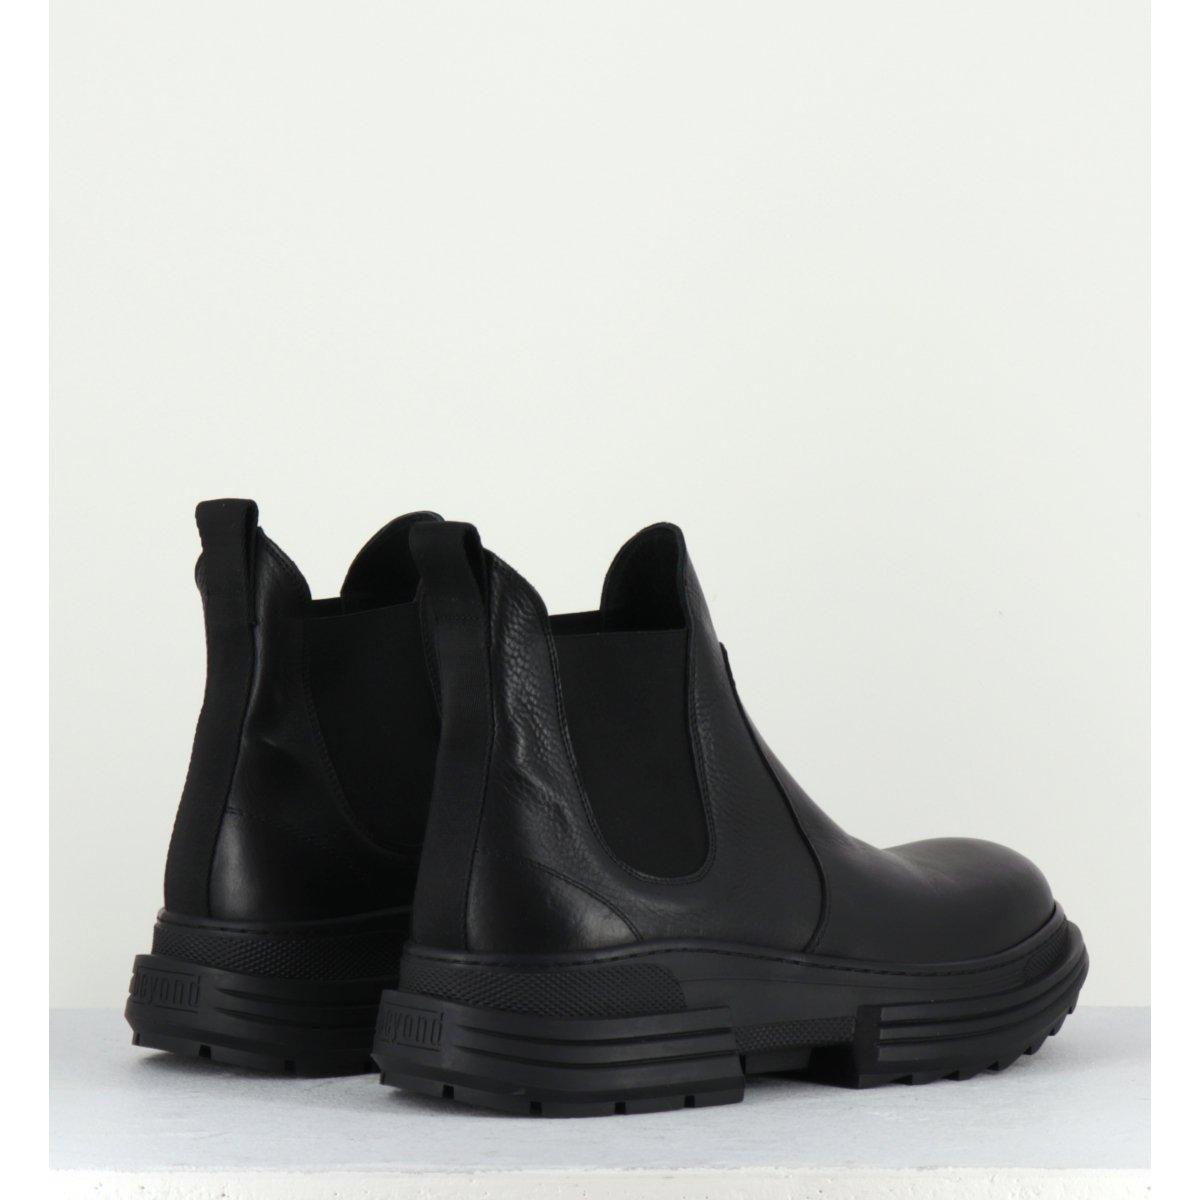 Bottines en cuir et toile noir Beyond shoes pour hommes - PATRIK